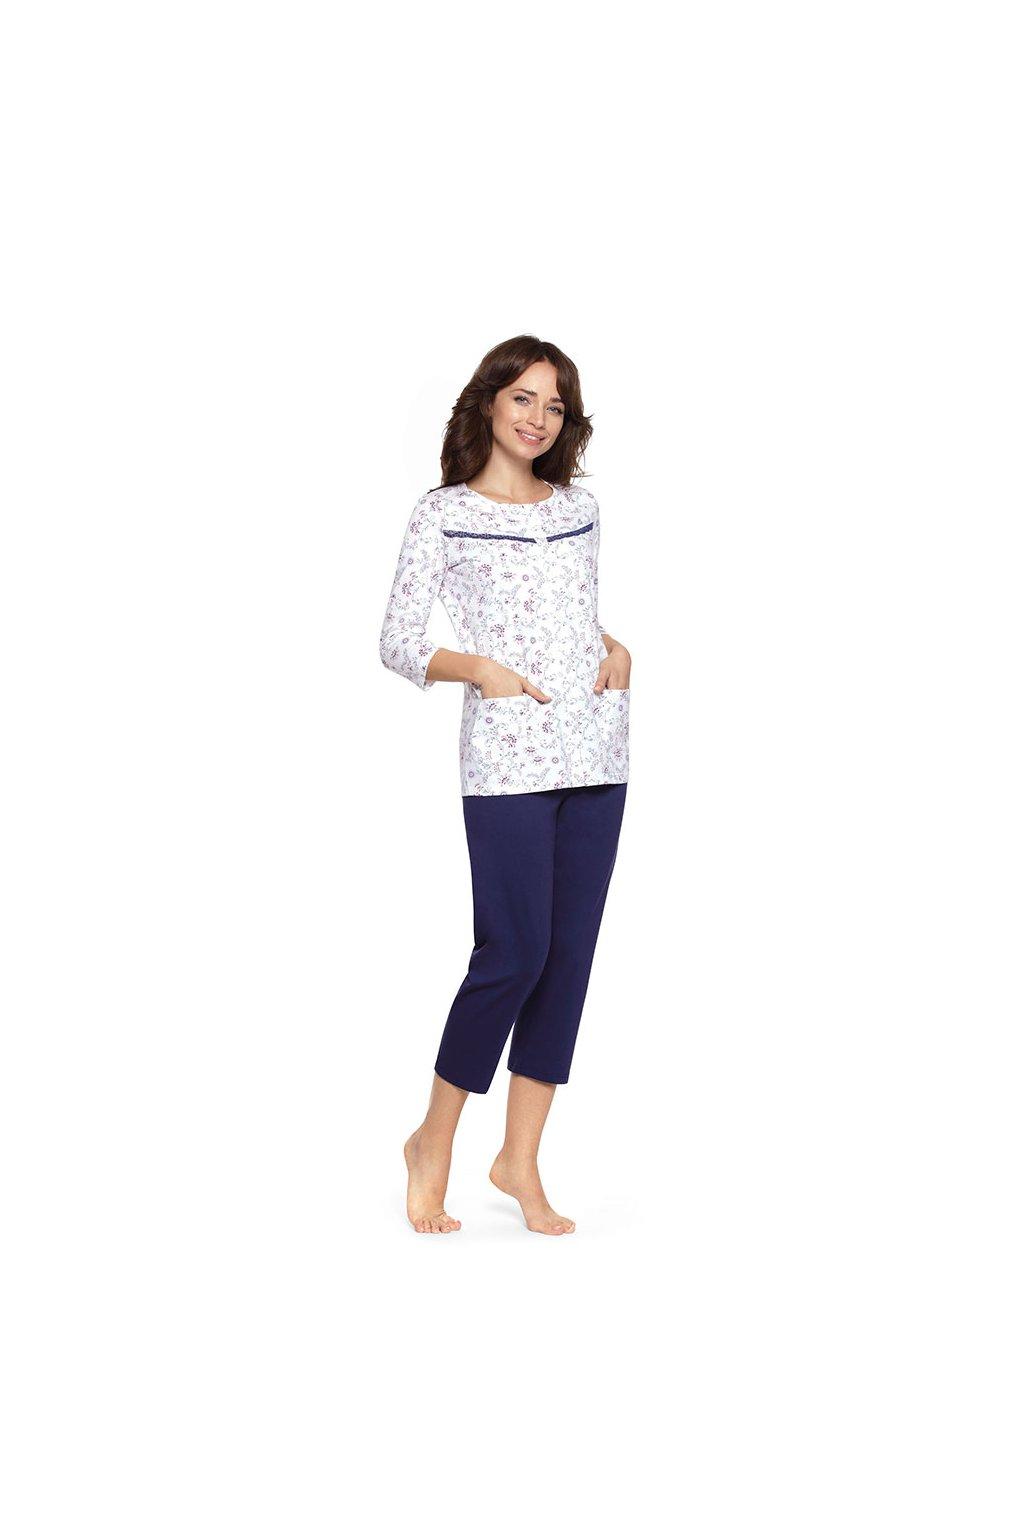 Dámské pyžamo s 3/4 rukávem, 104479 163, tmavě modrá